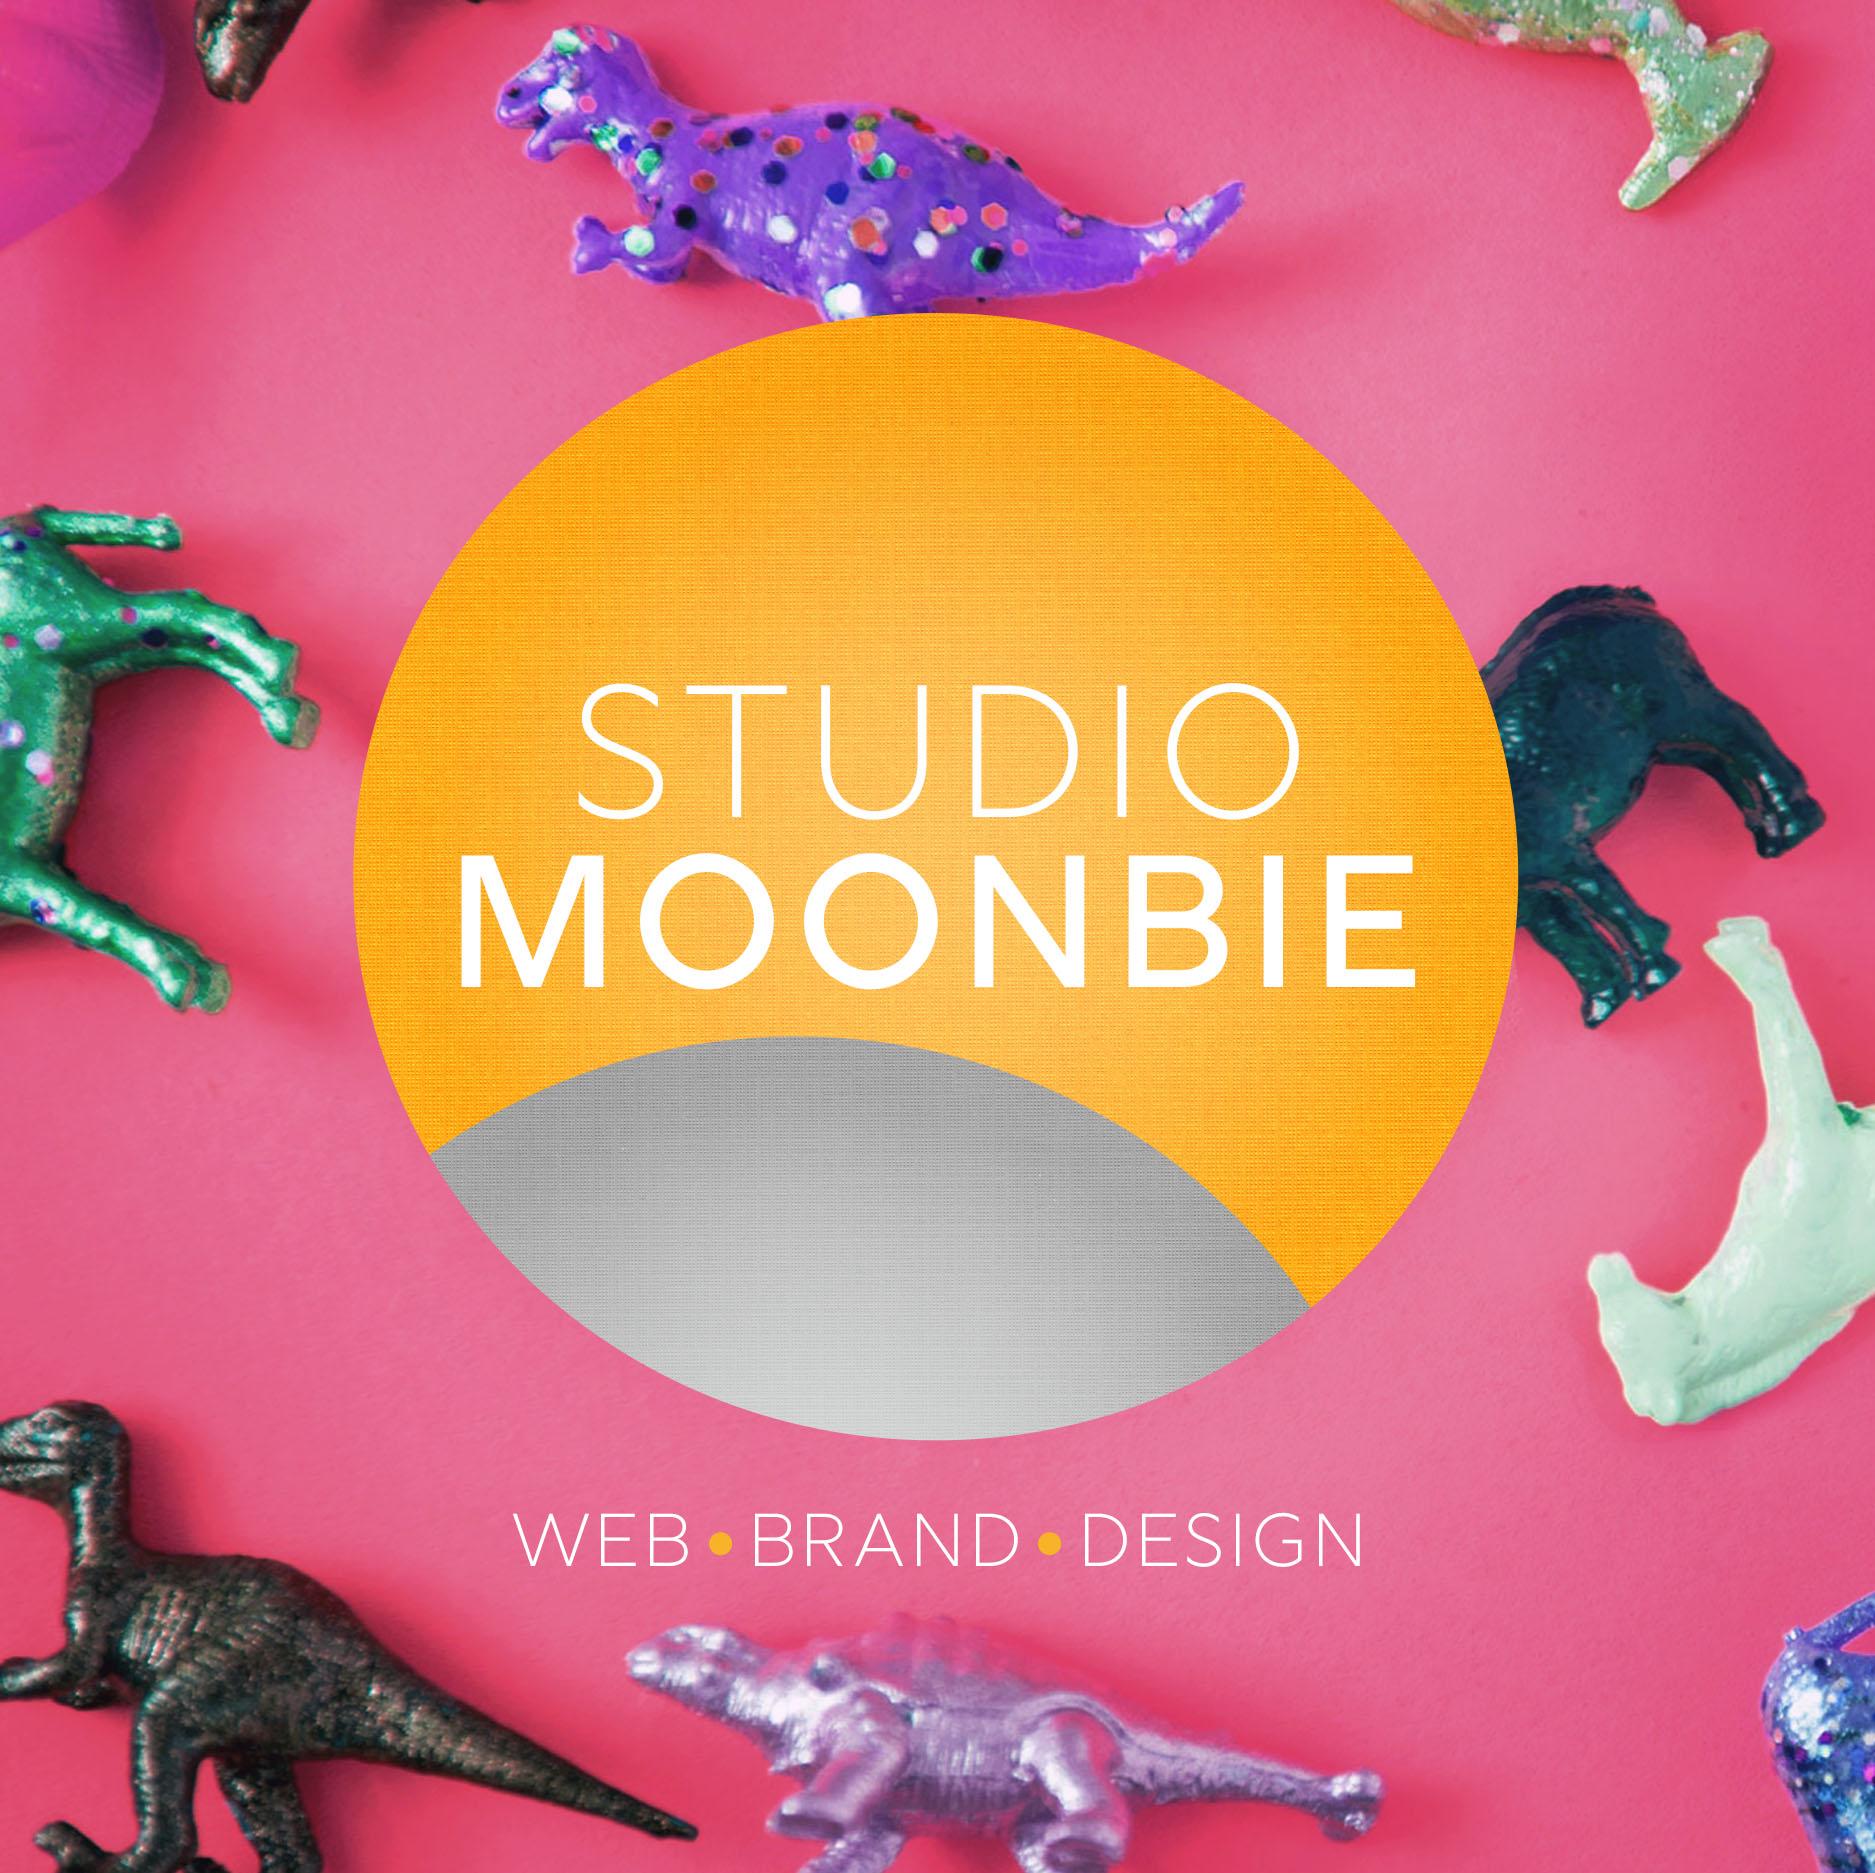 Moonbie_Social_Dinosaurs.jpg